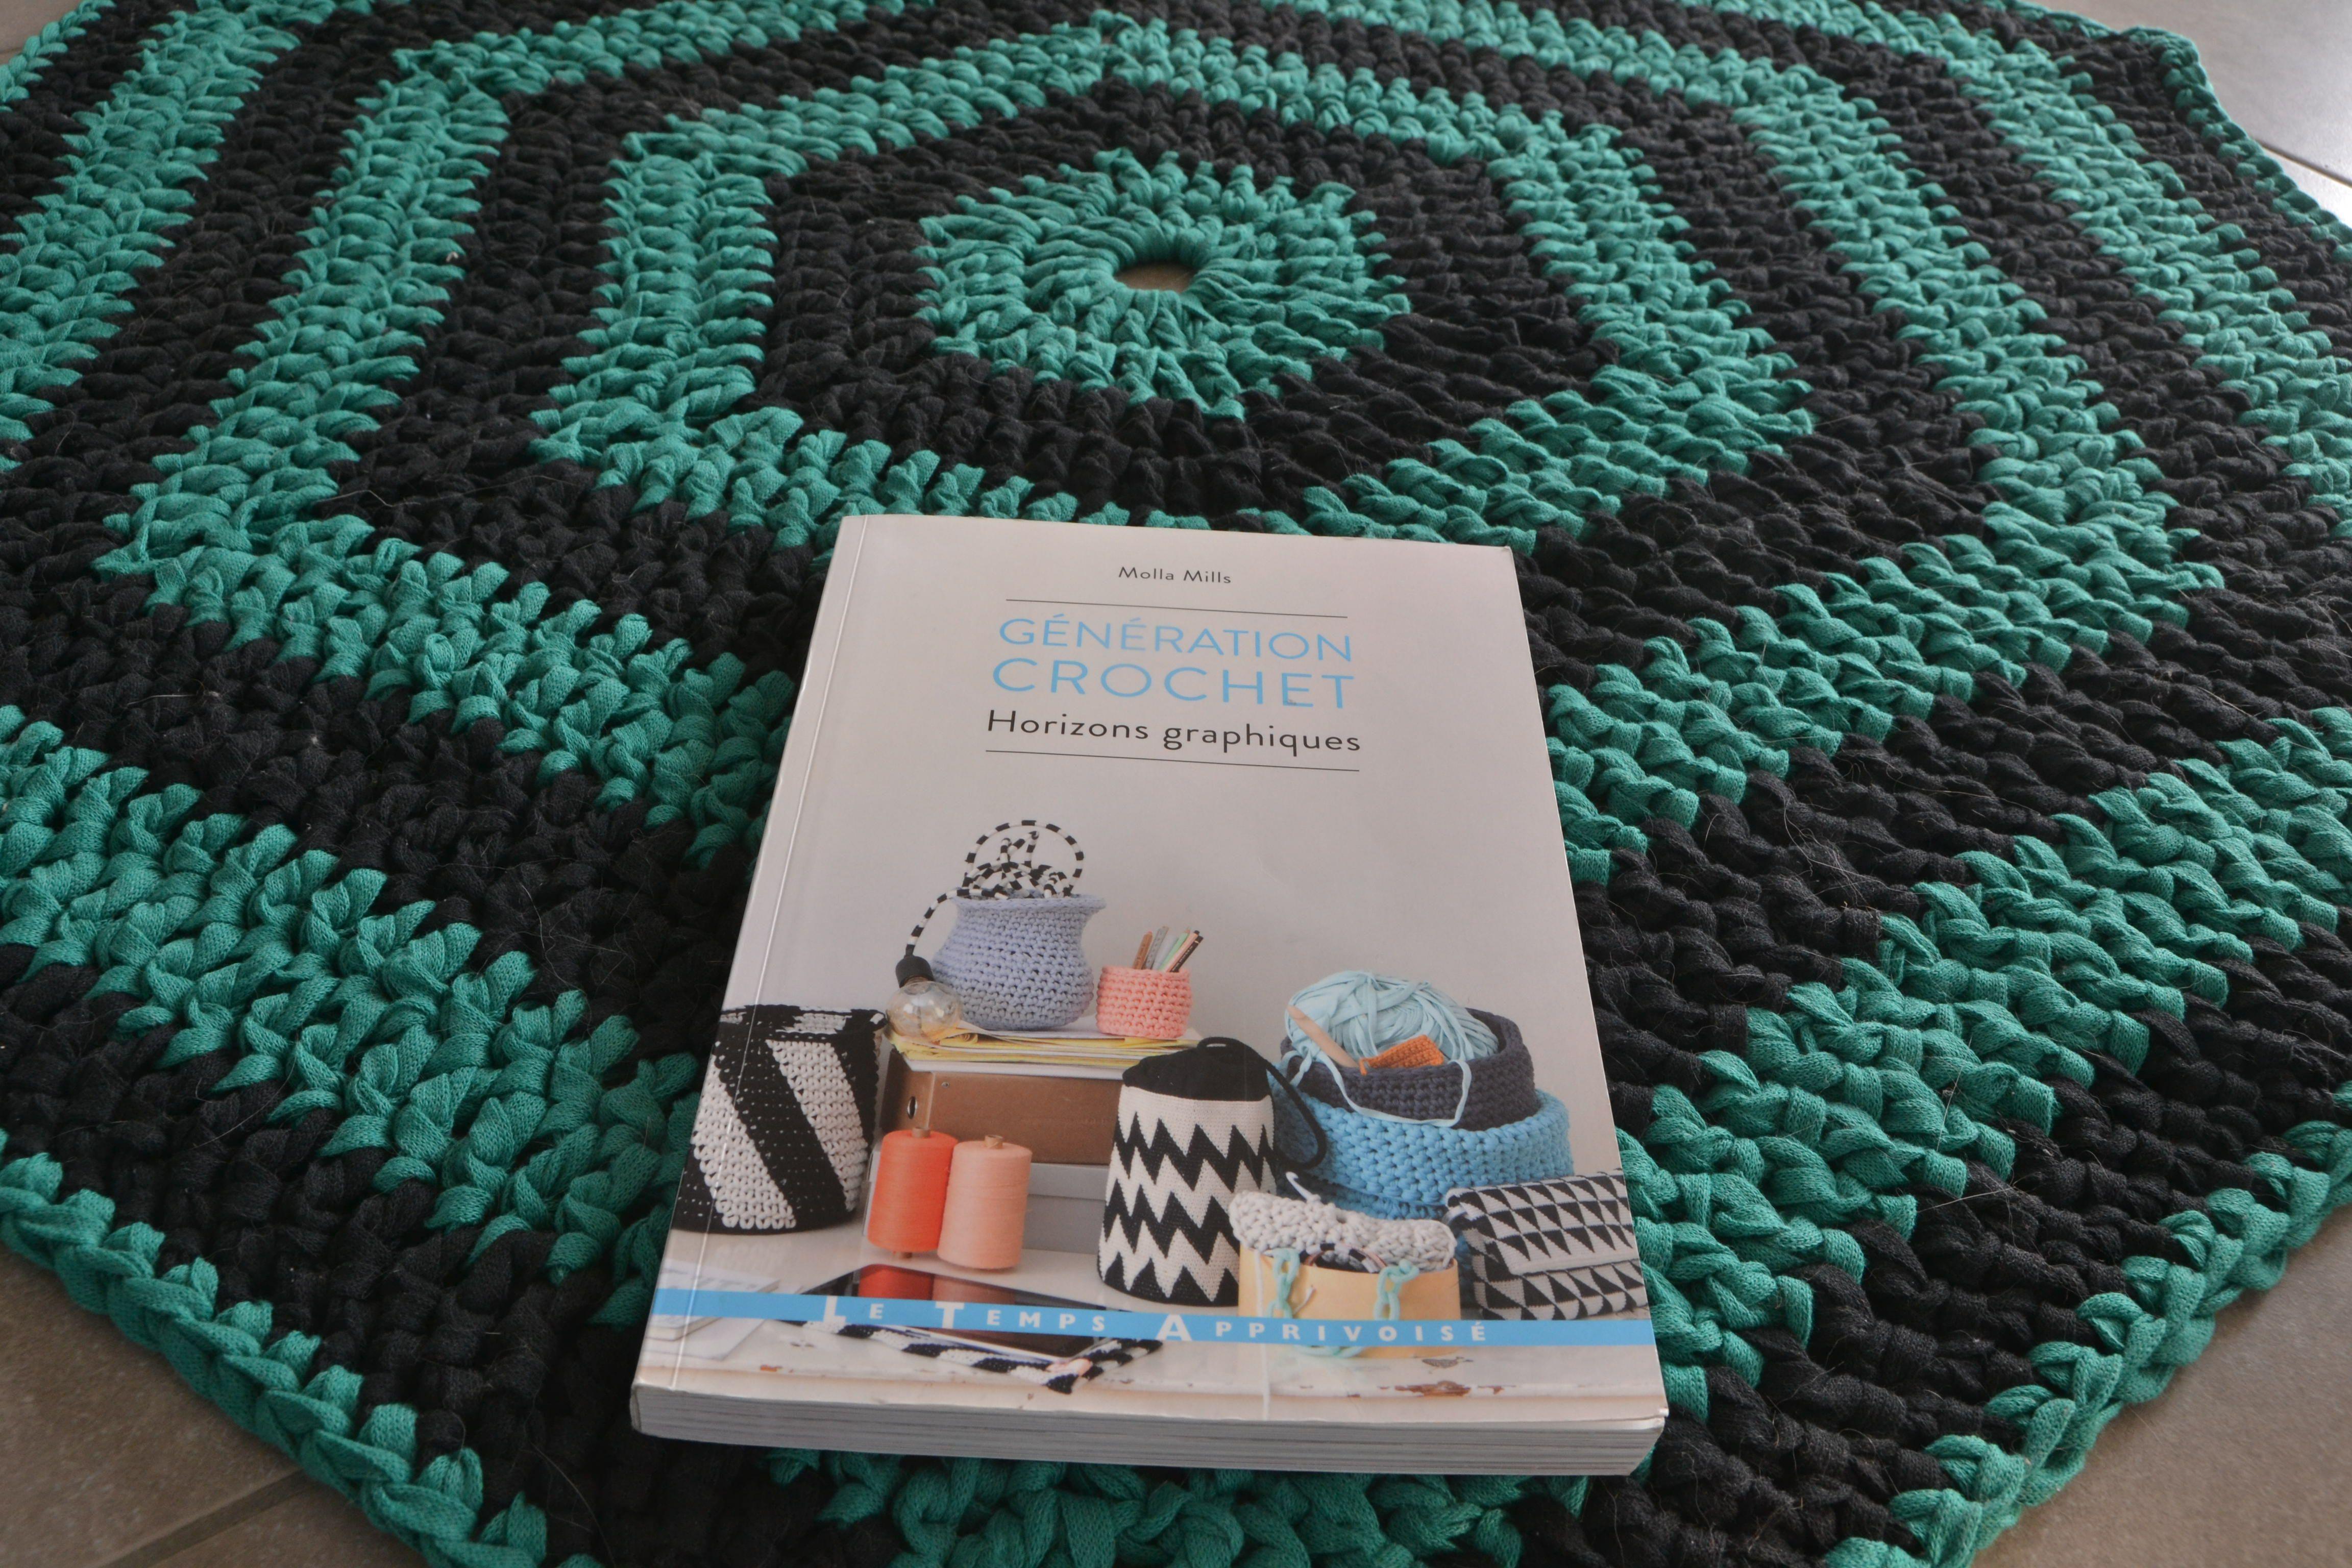 Molla Mills - Génération Crochet